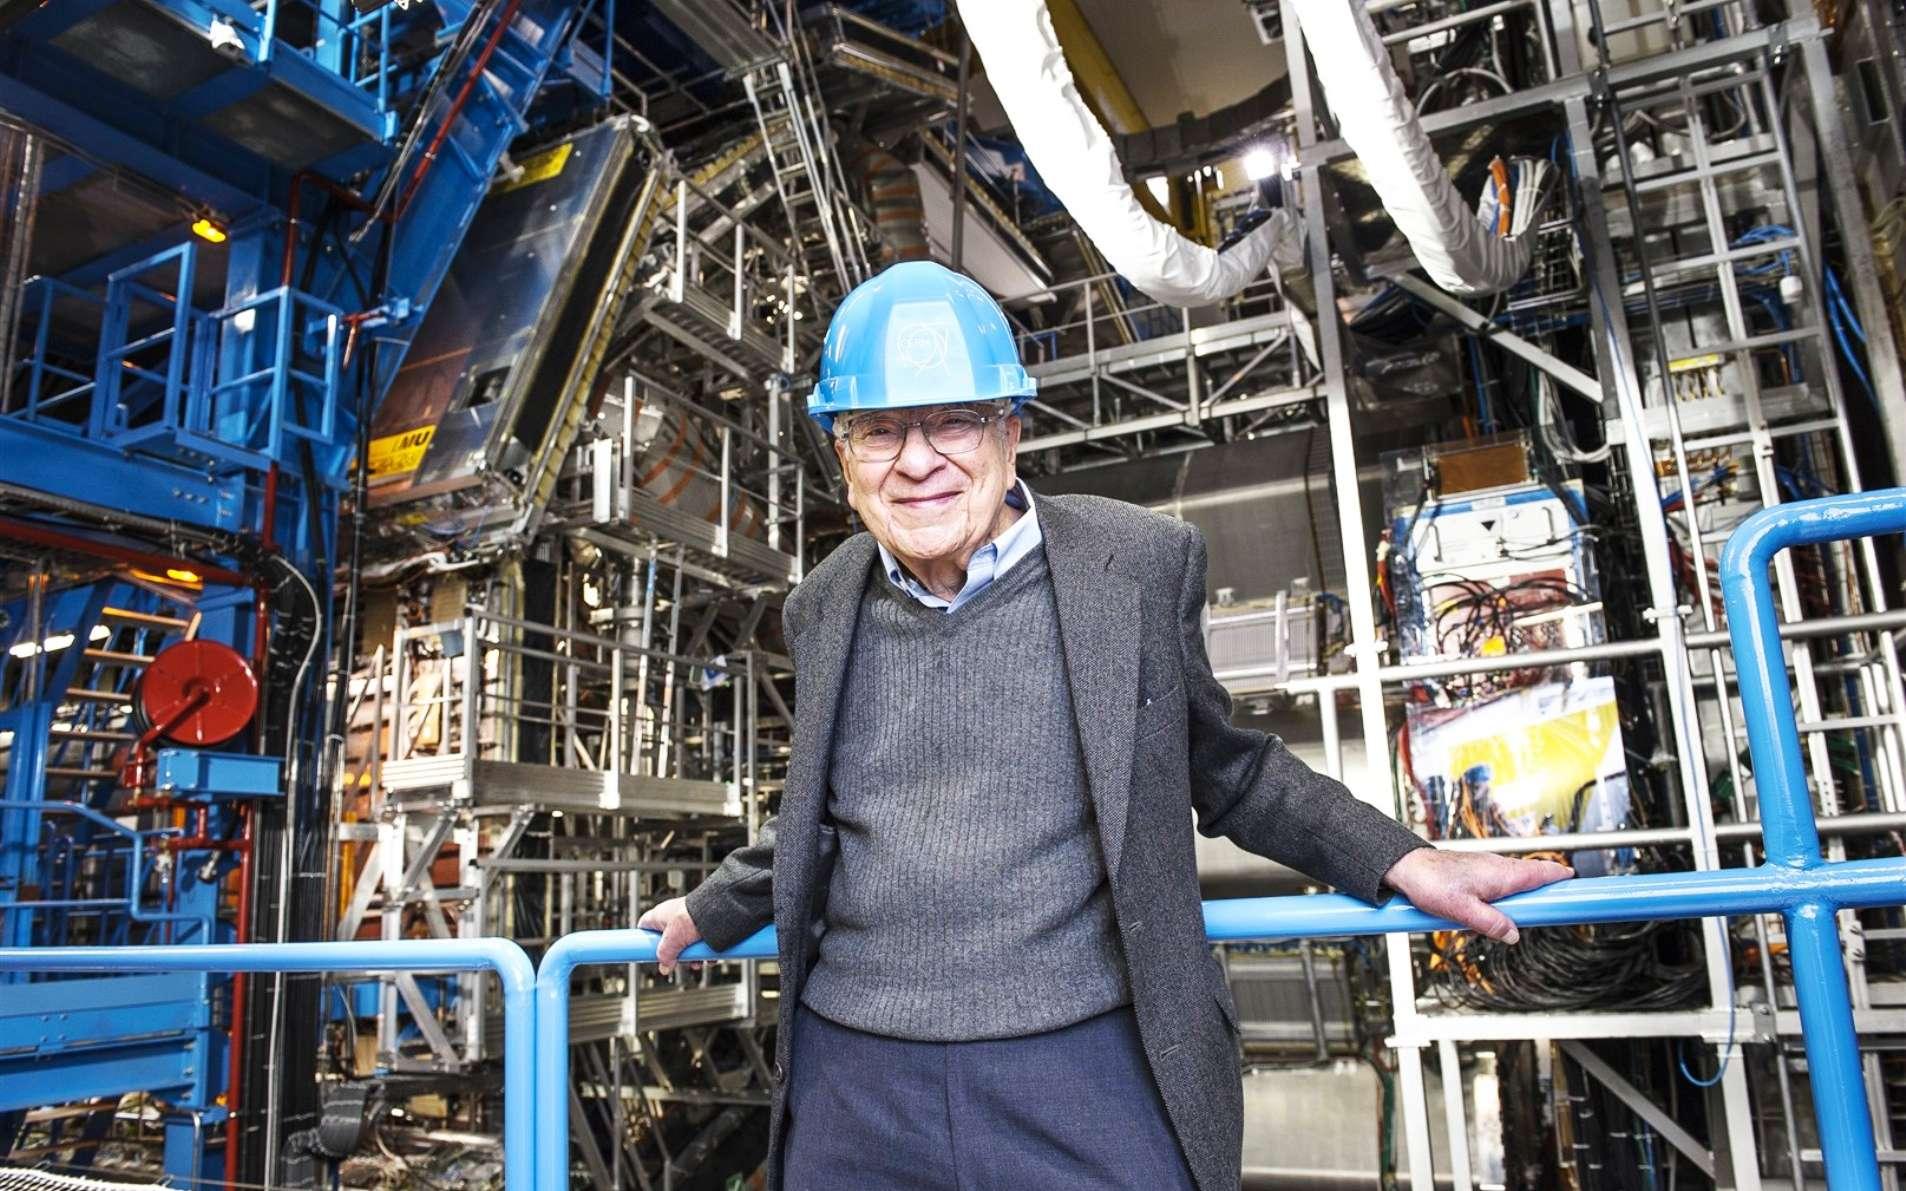 Murray Gell-Mann, l'un des pères de la théorie des quarks, en visite au Cern en janvier 2013. Le prix Nobel de physique se tient devant le détecteur Atlas. C'est l'un des principaux architectes du modèle standard des particules élémentaires. Ses travaux portent aussi sur la cosmologie quantique et il est à l'origine de l'institut de Santa Fe (Santa Fe Institute, ou SFI), un institut de recherche spécialisé dans l'étude des systèmes complexes. © Maximilien Brice, Cern